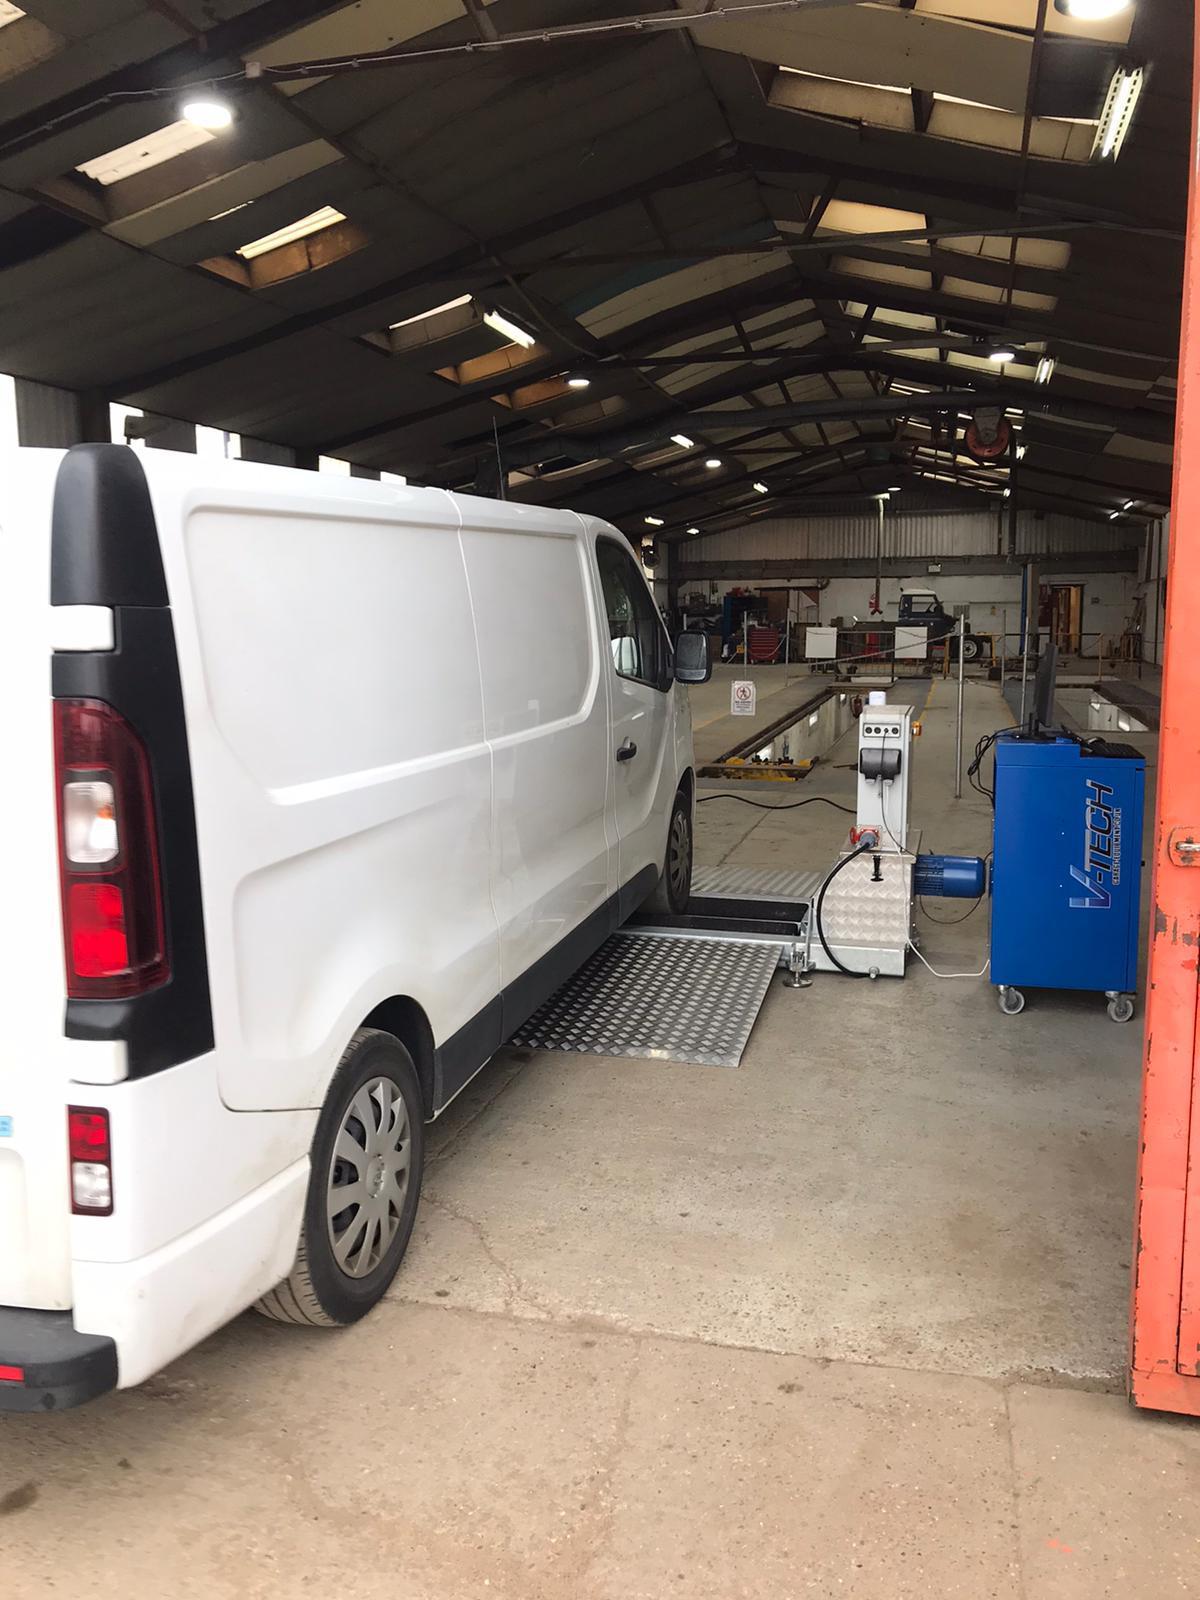 bm mobile brake test on van